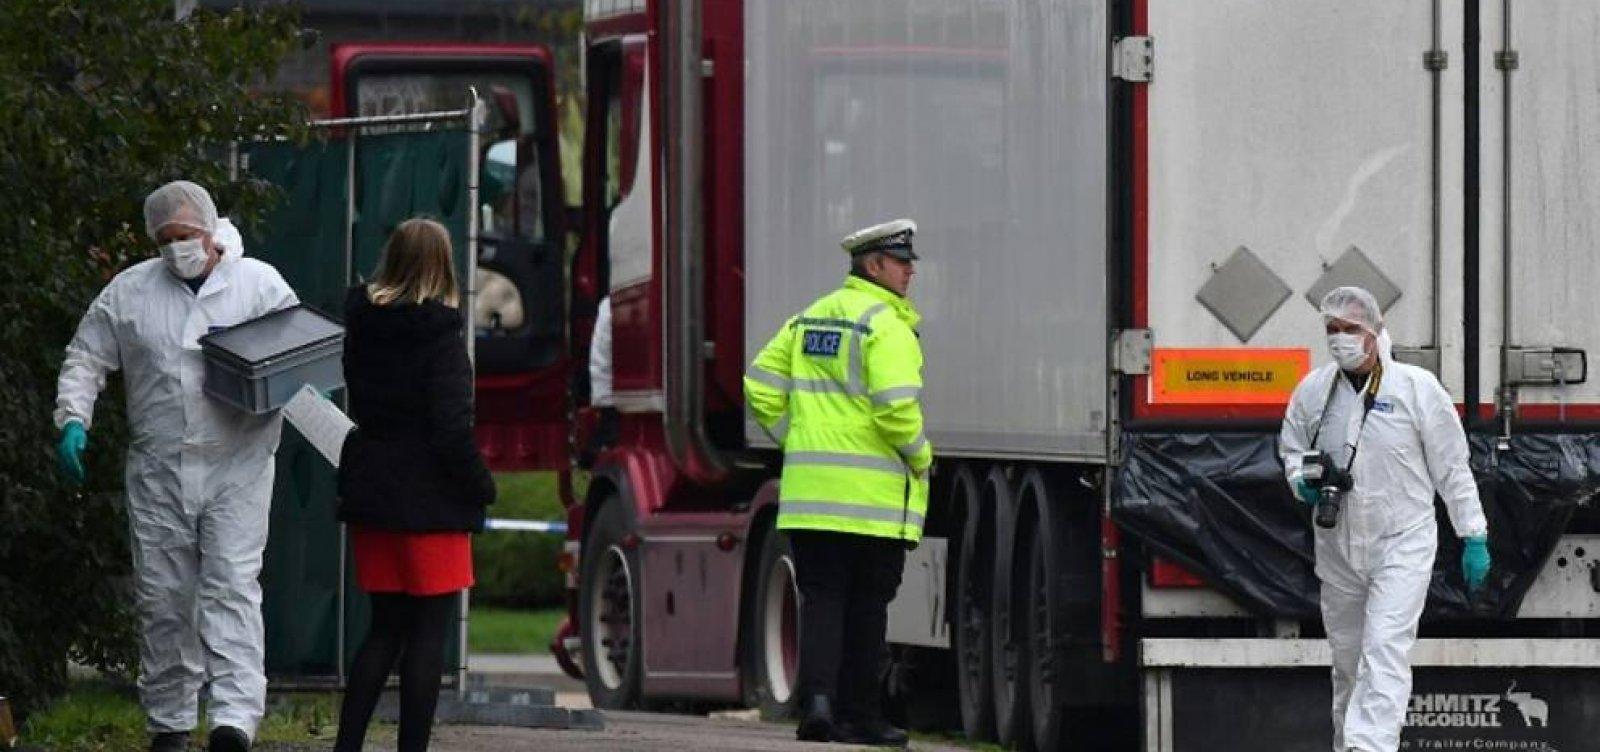 39 mortos em caminhão no Reino Unido são de nacionalidade chinesa